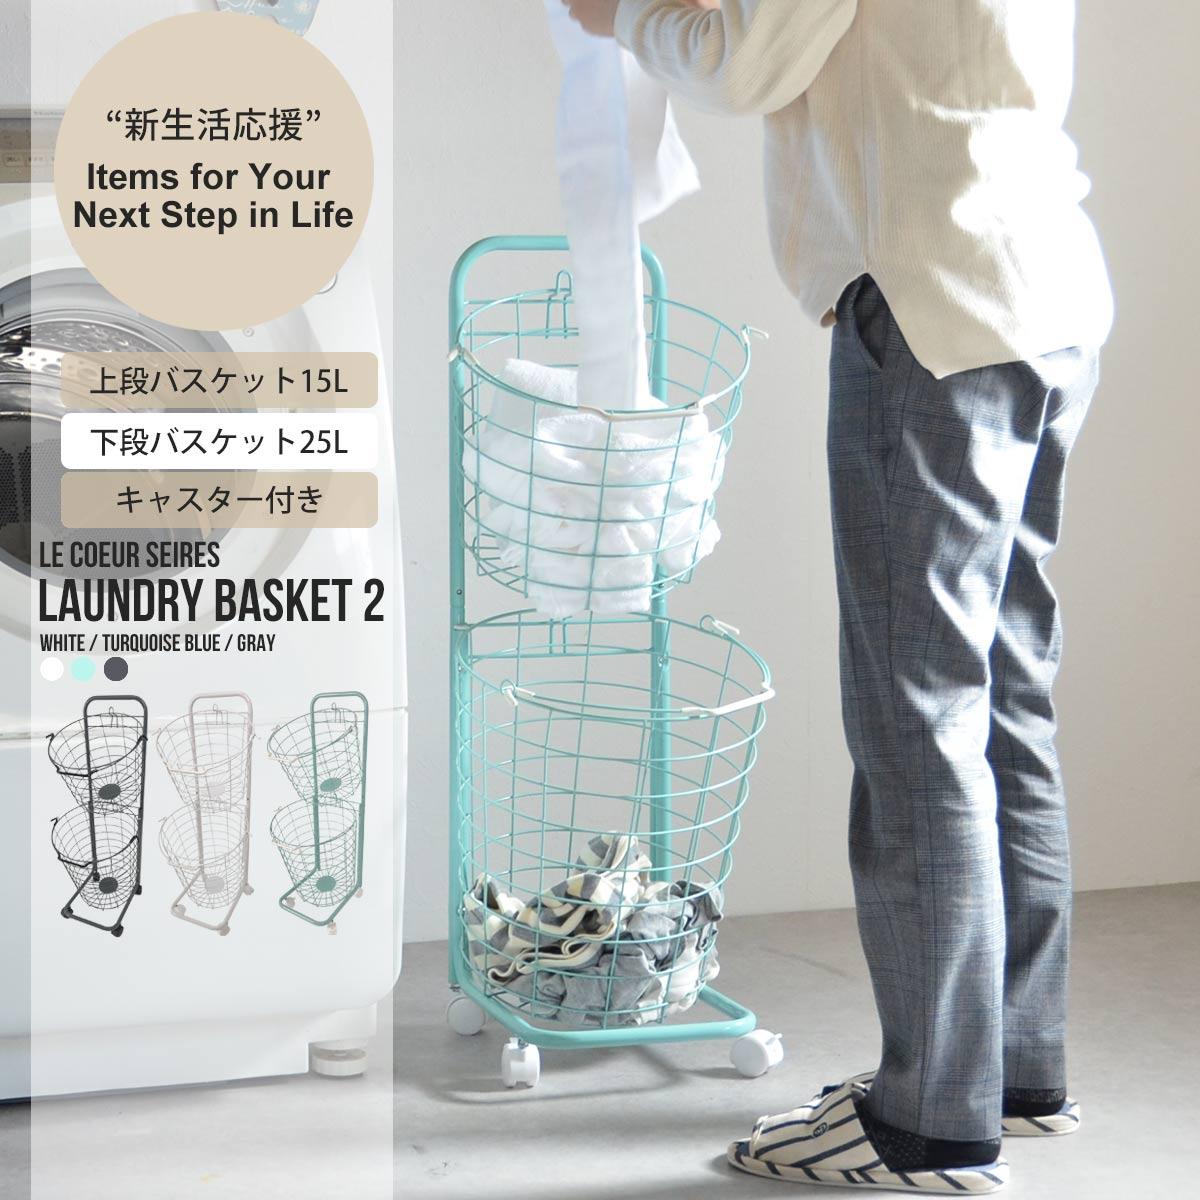 【あす楽】ランドリーバスケットワゴン2段 Le coeur(ル・クール) カラー3色 ホワイト グレー ターコイズブルー 送料無料